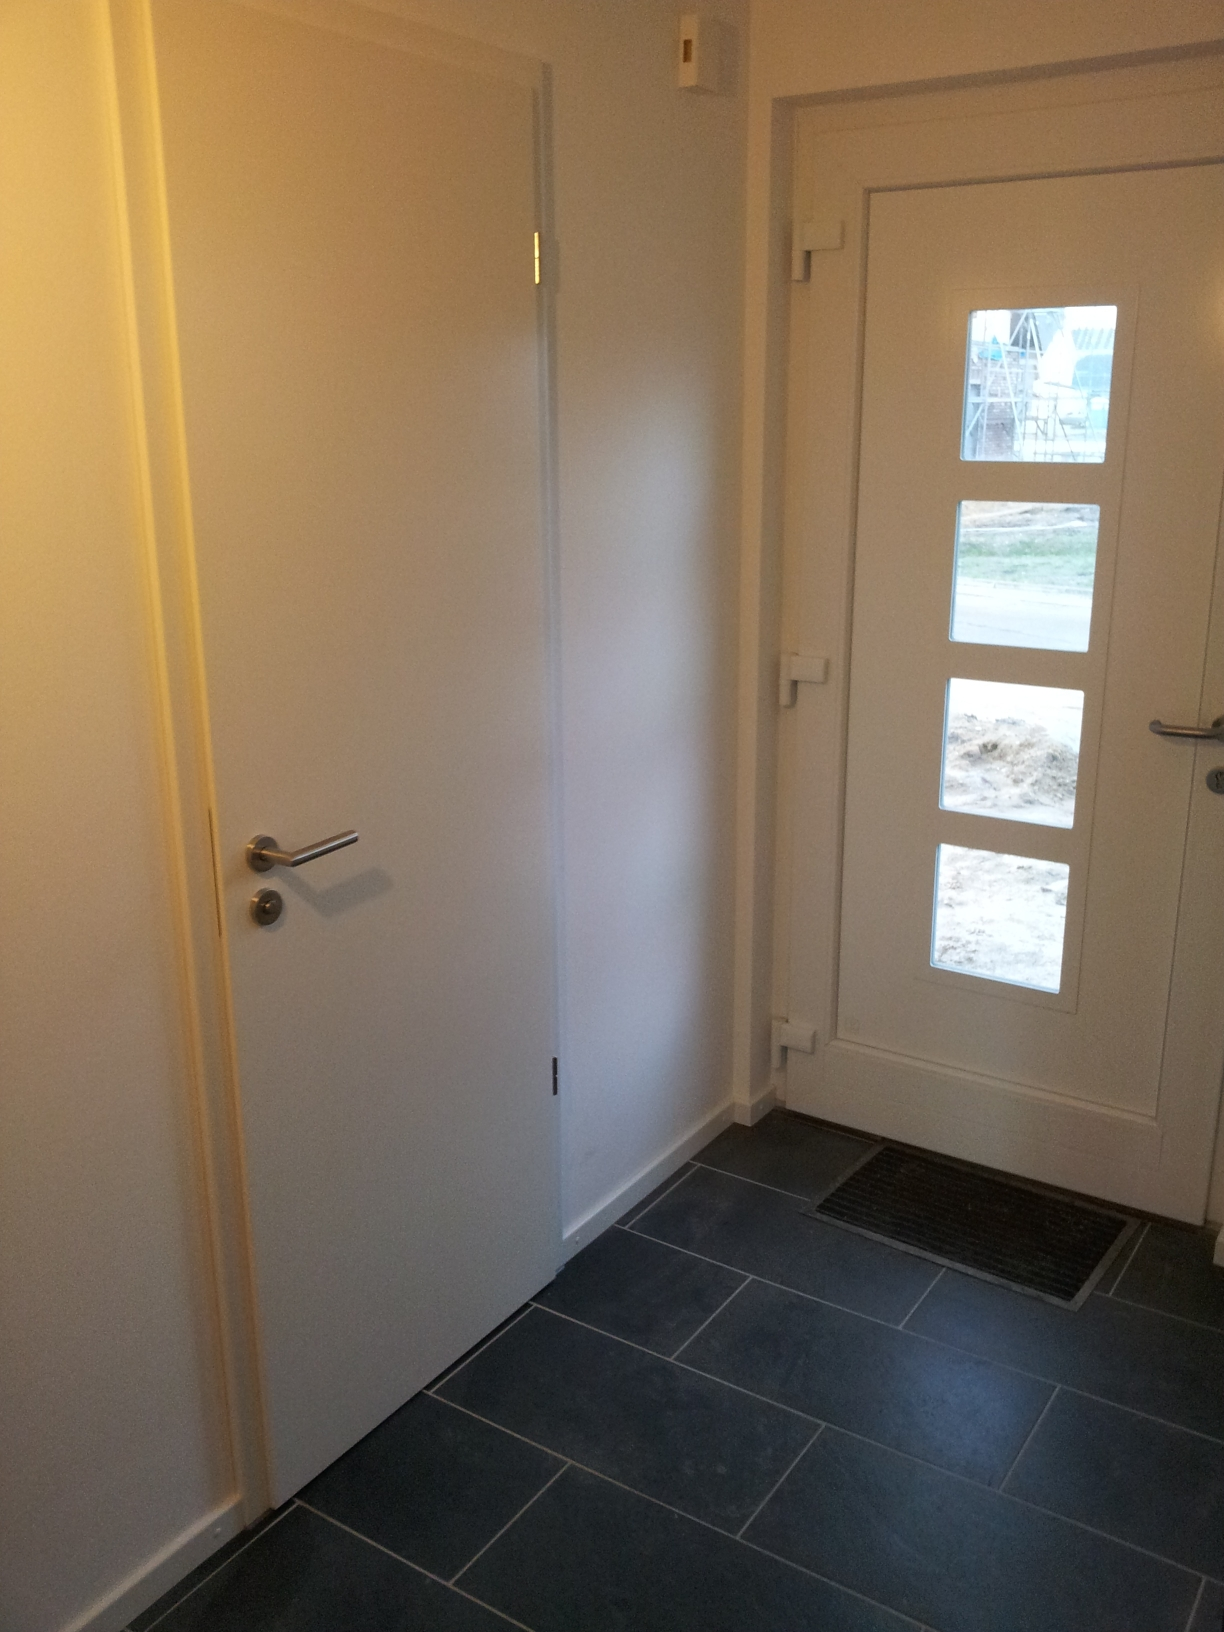 2012 01 17. Black Bedroom Furniture Sets. Home Design Ideas